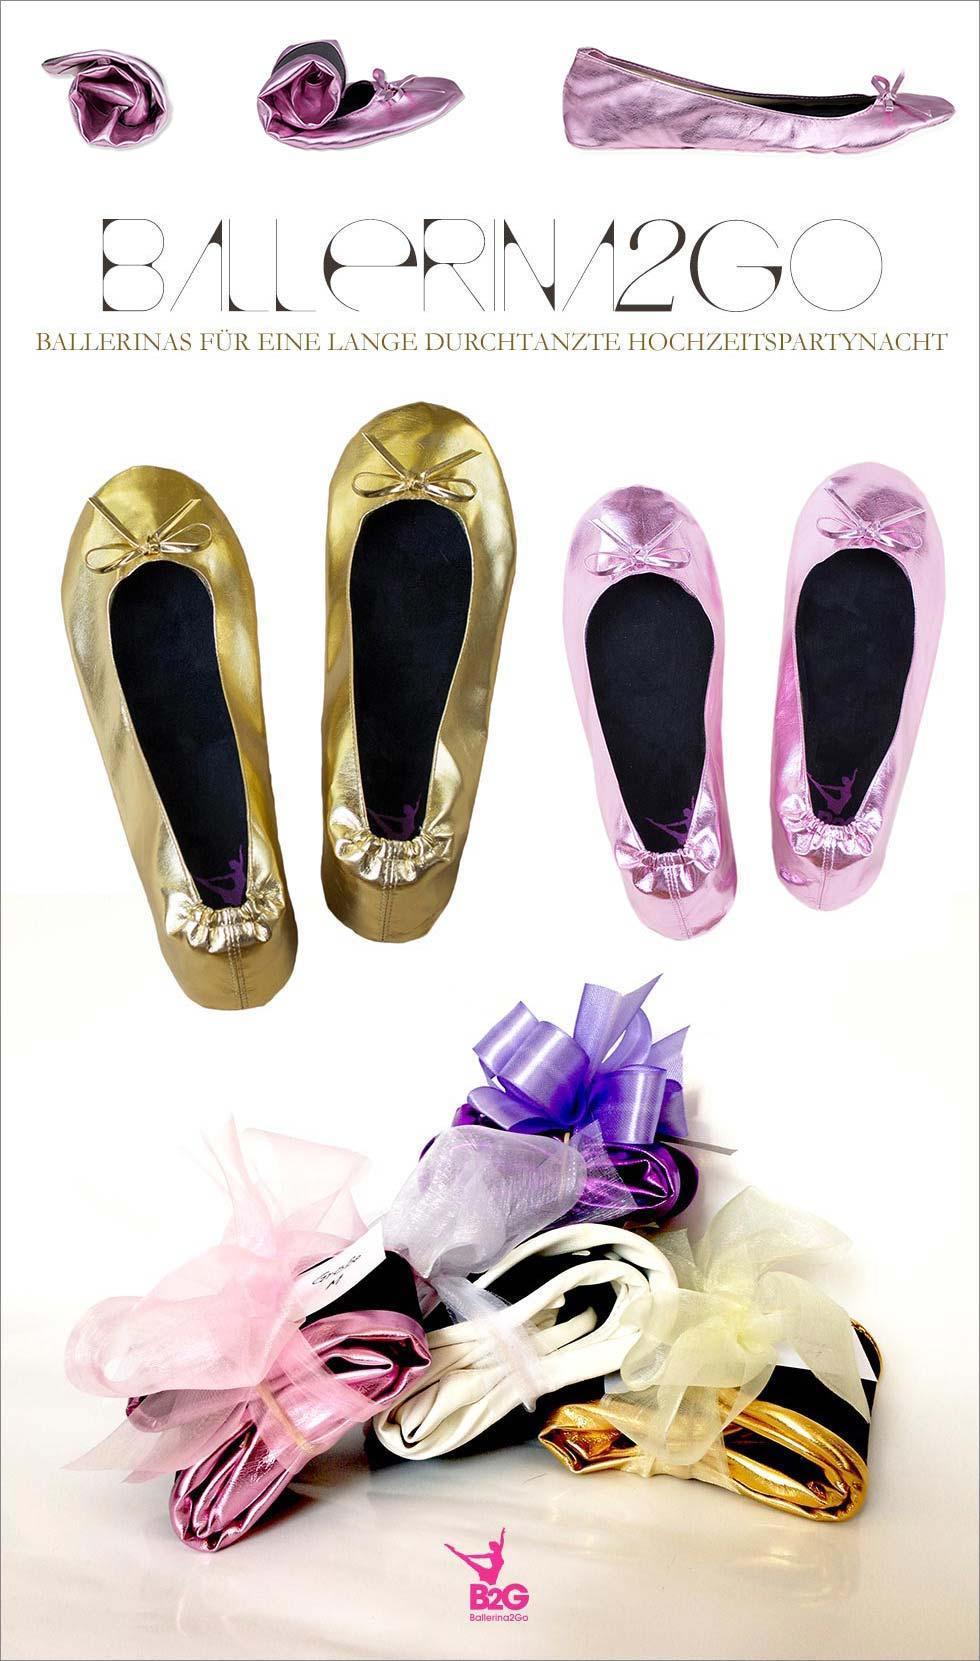 ballerinas2go-3